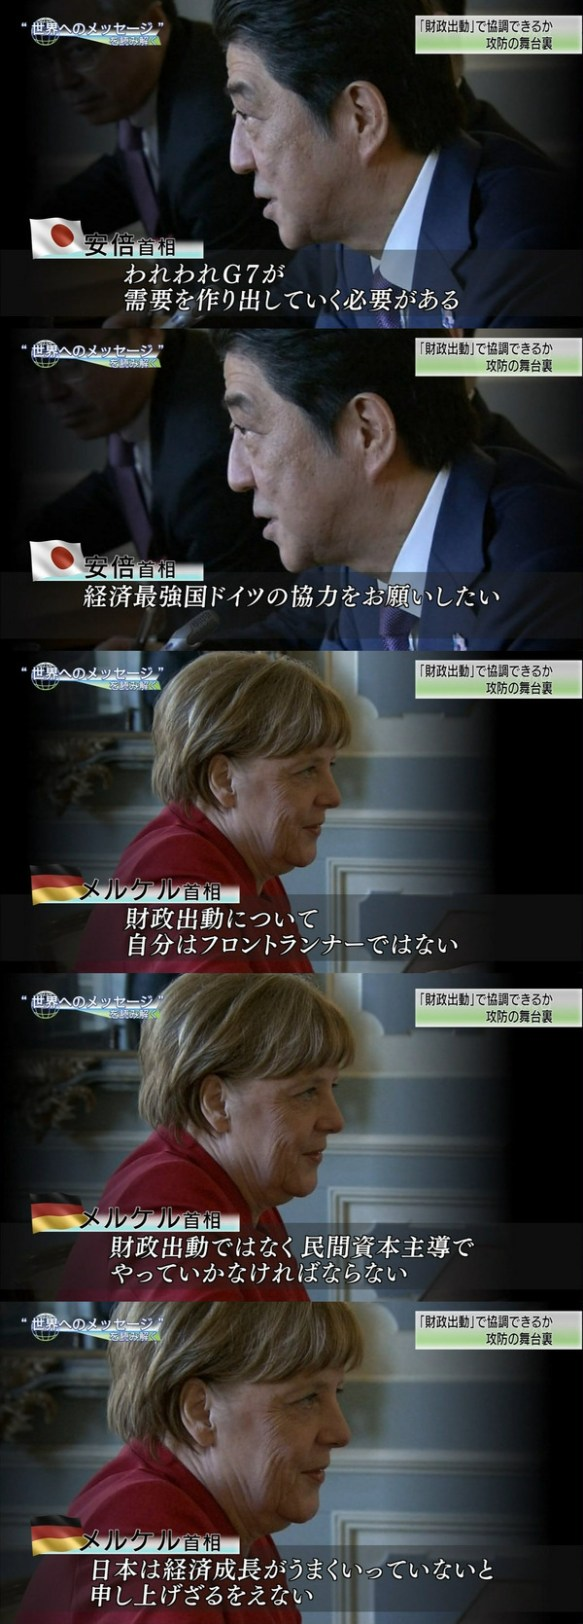 安倍晋三「共に協力して経済成長しましょう」ドイツ首相「ノーセンキュー」安倍晋三「え?」